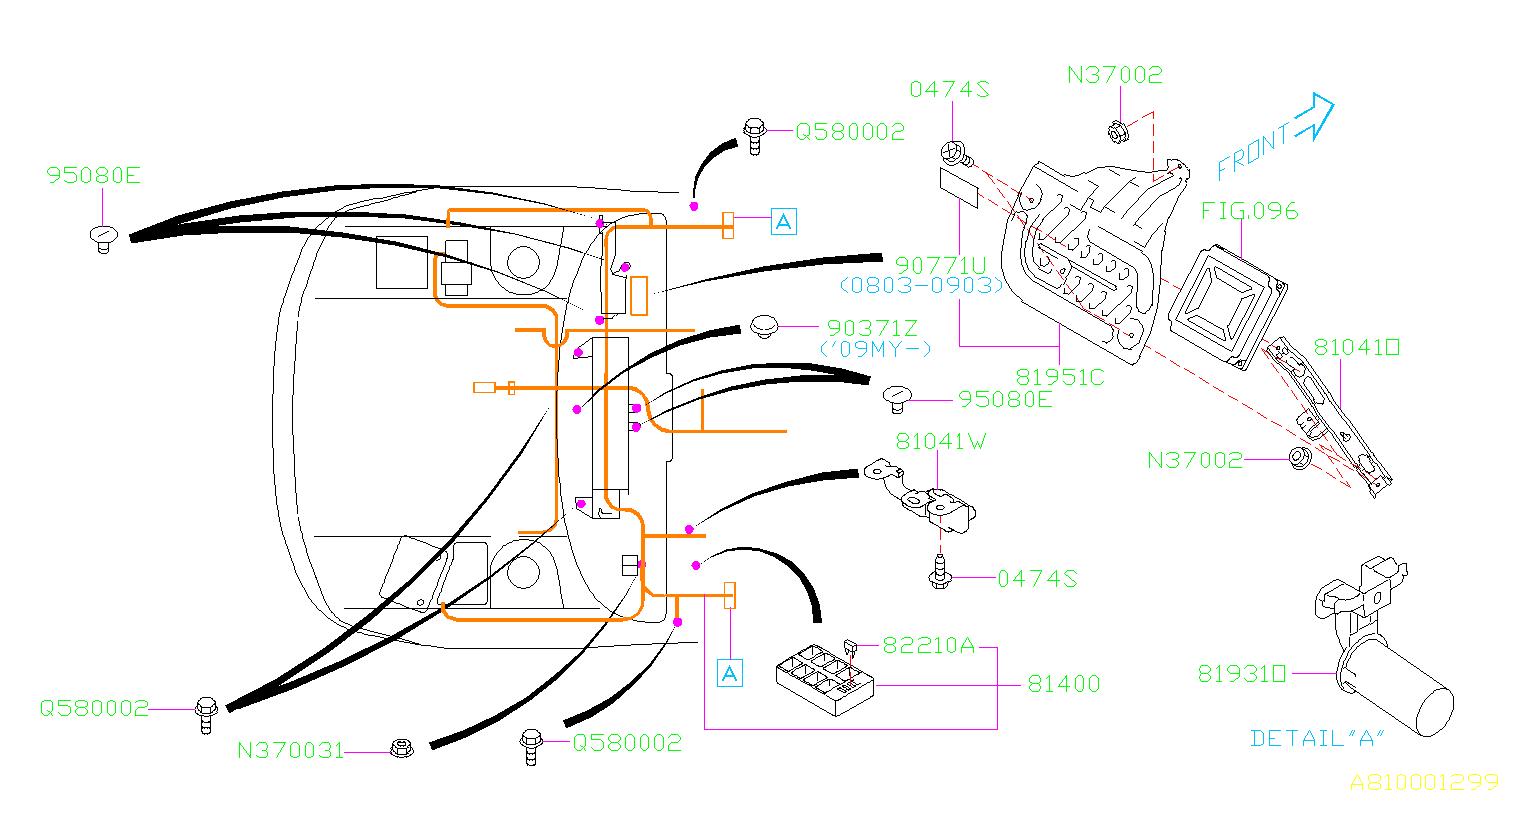 Subaru Wrx Connector Bracket Obd2  Wiring  Main  Harness